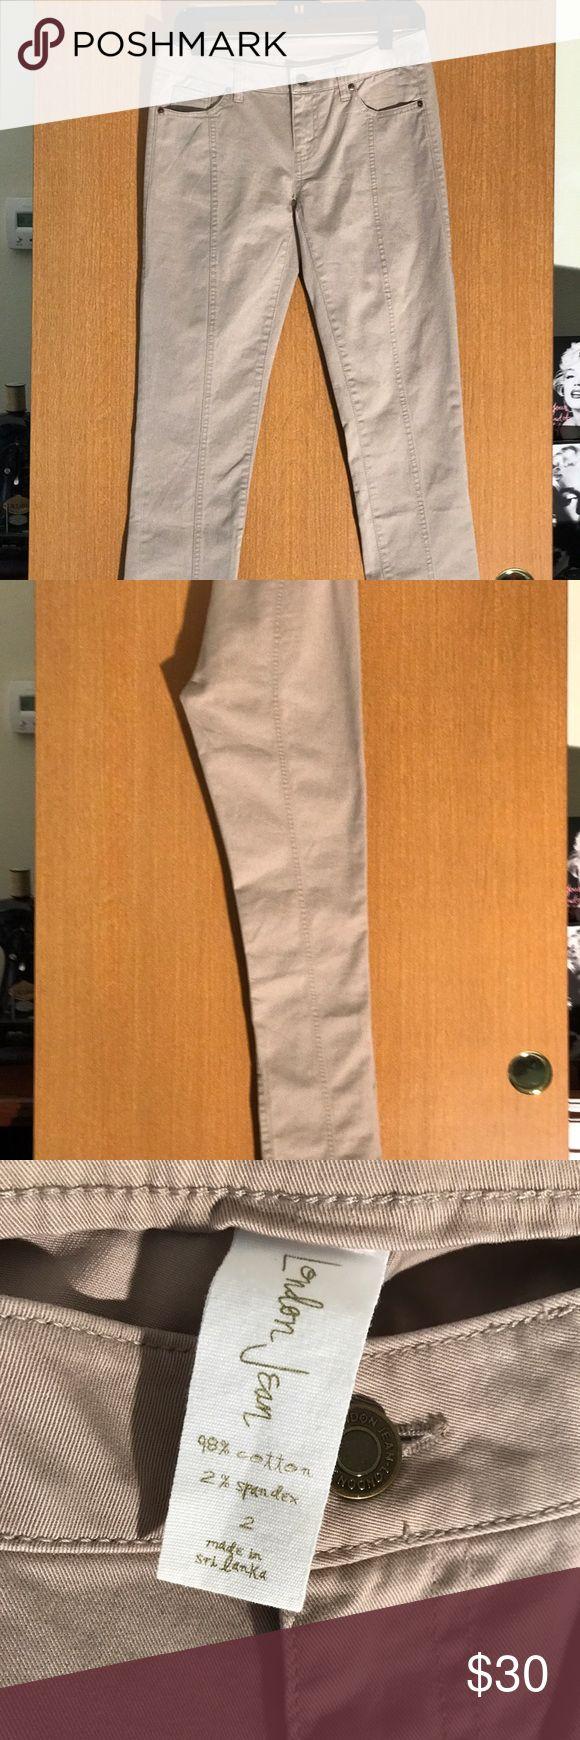 Pants VICTORIA SECRETS London jean SIZE 2 Tan 98% cotton 2% spandex pants Victoria's Secret Pants Straight Leg